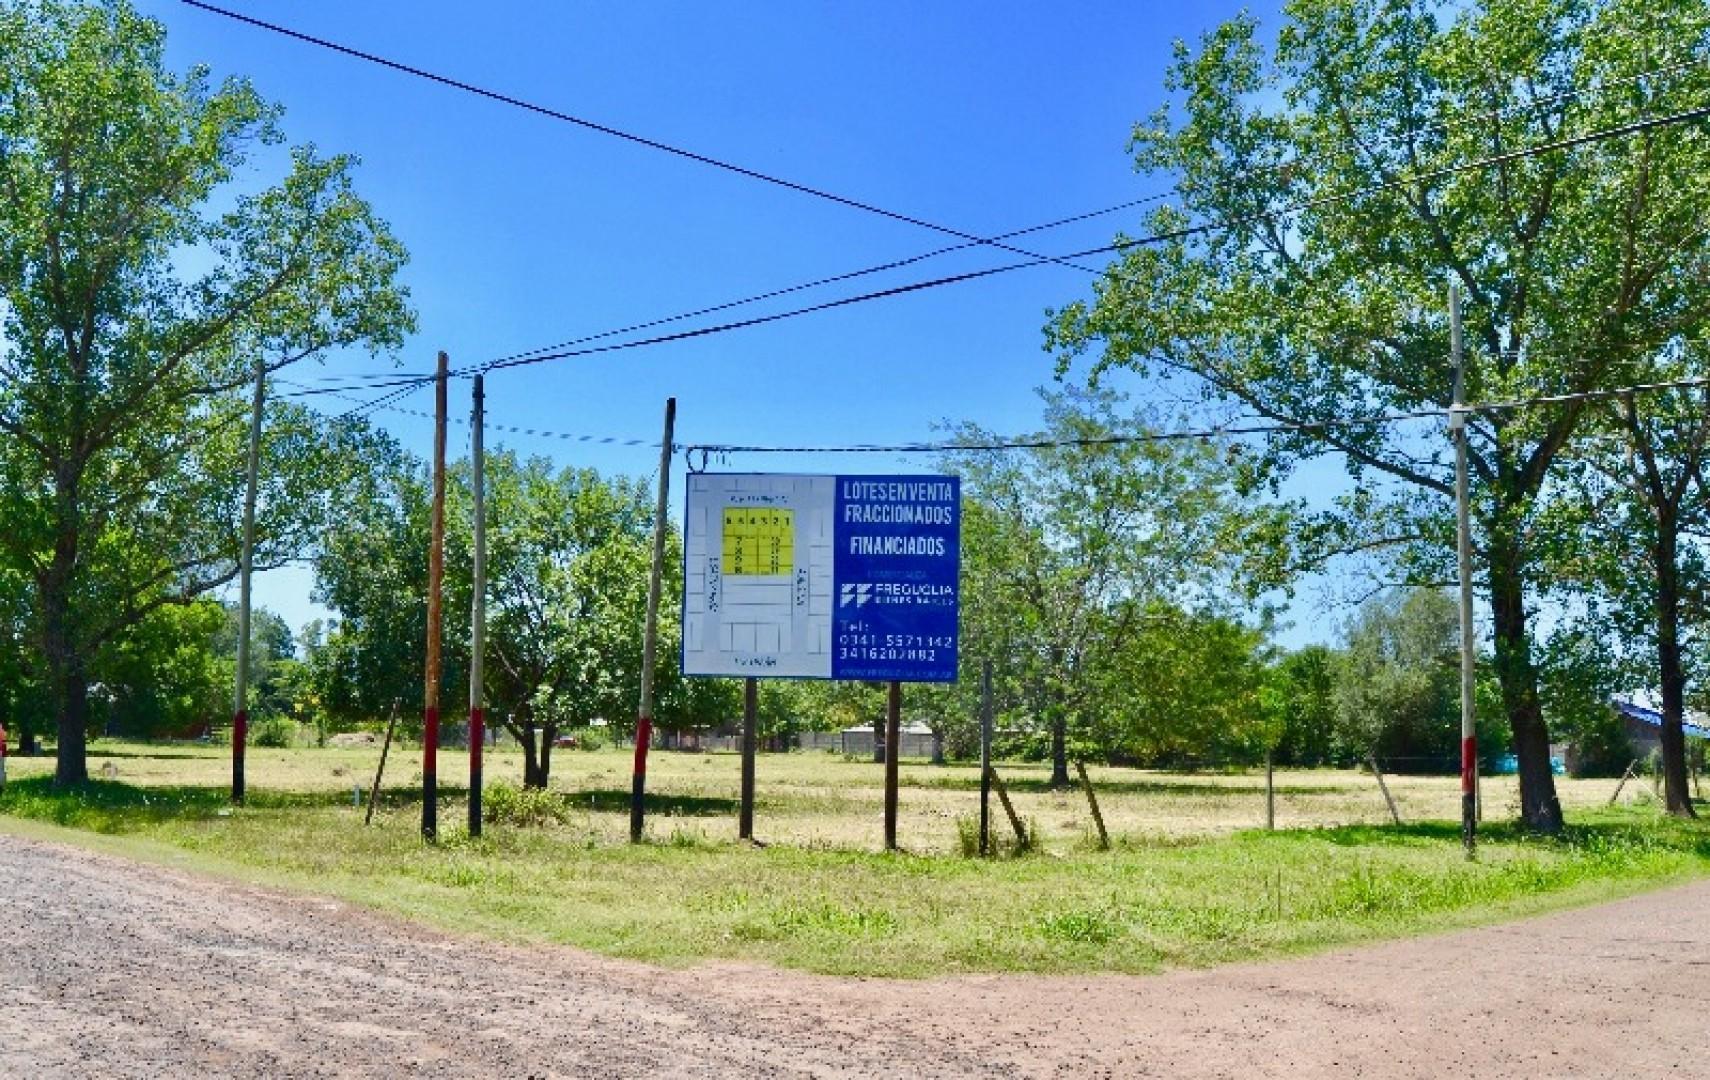 Venta de lotes financiado en Funes